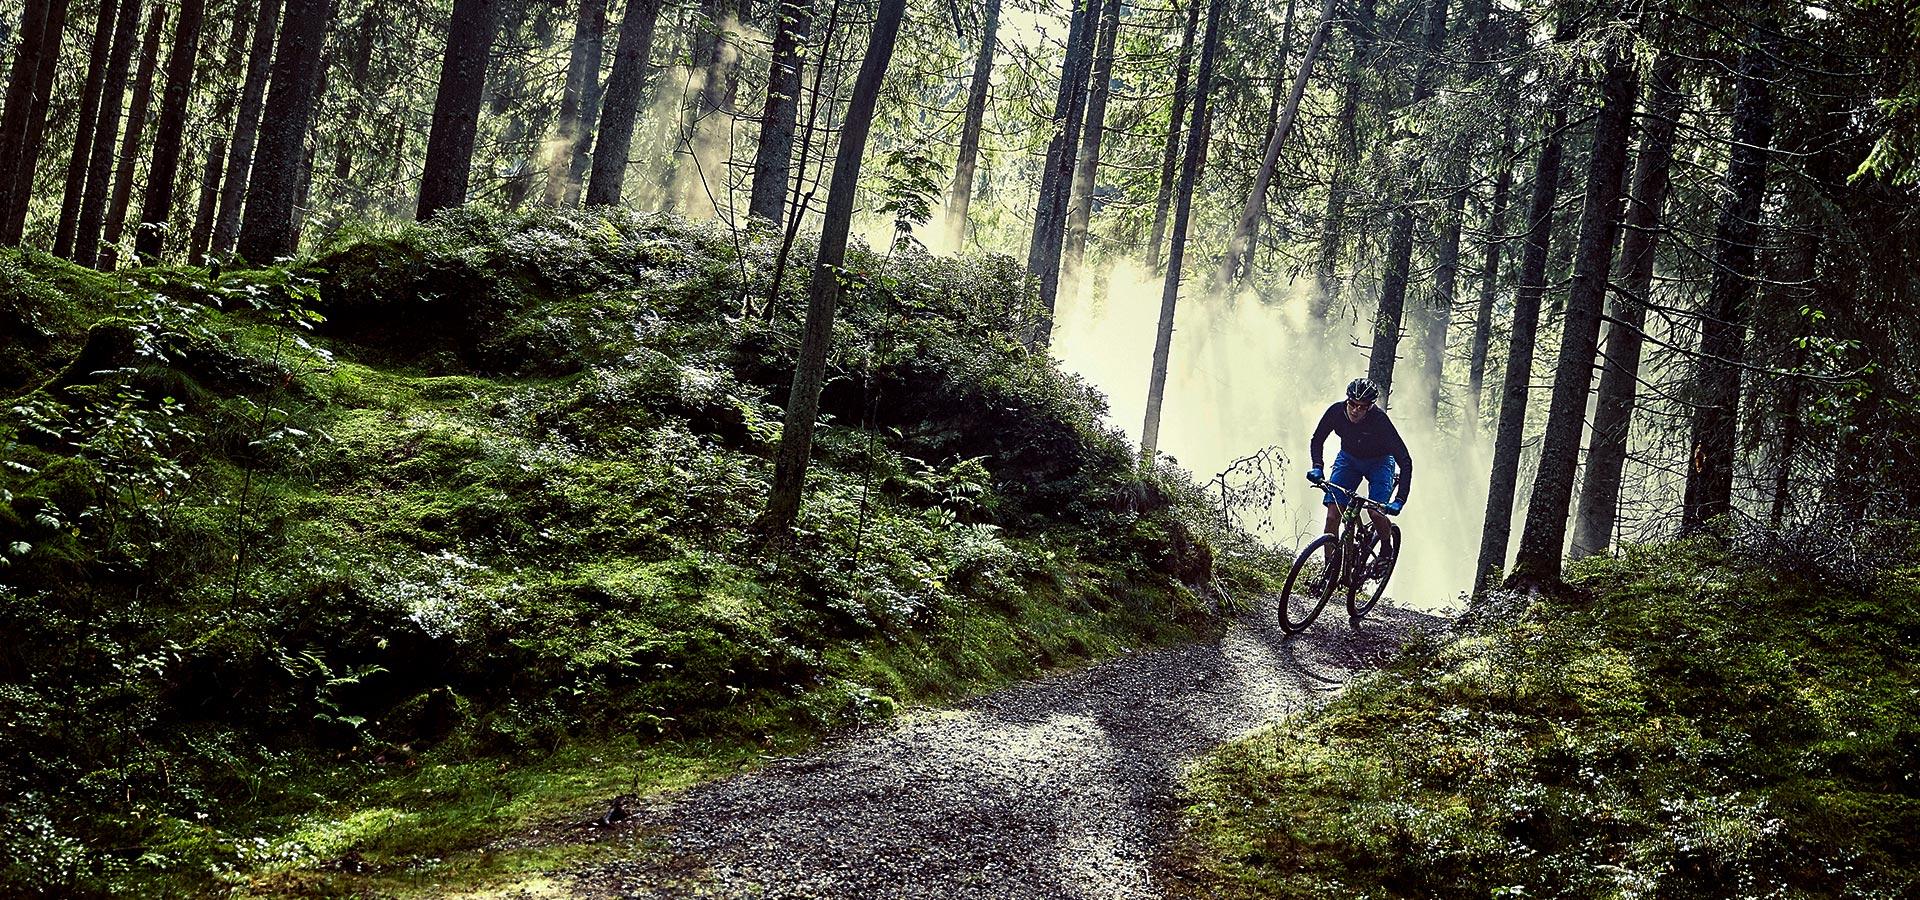 MTB Fahrtechnik & MTB Touren im Schwarzwald powered by HIRSCH-SPRUNG